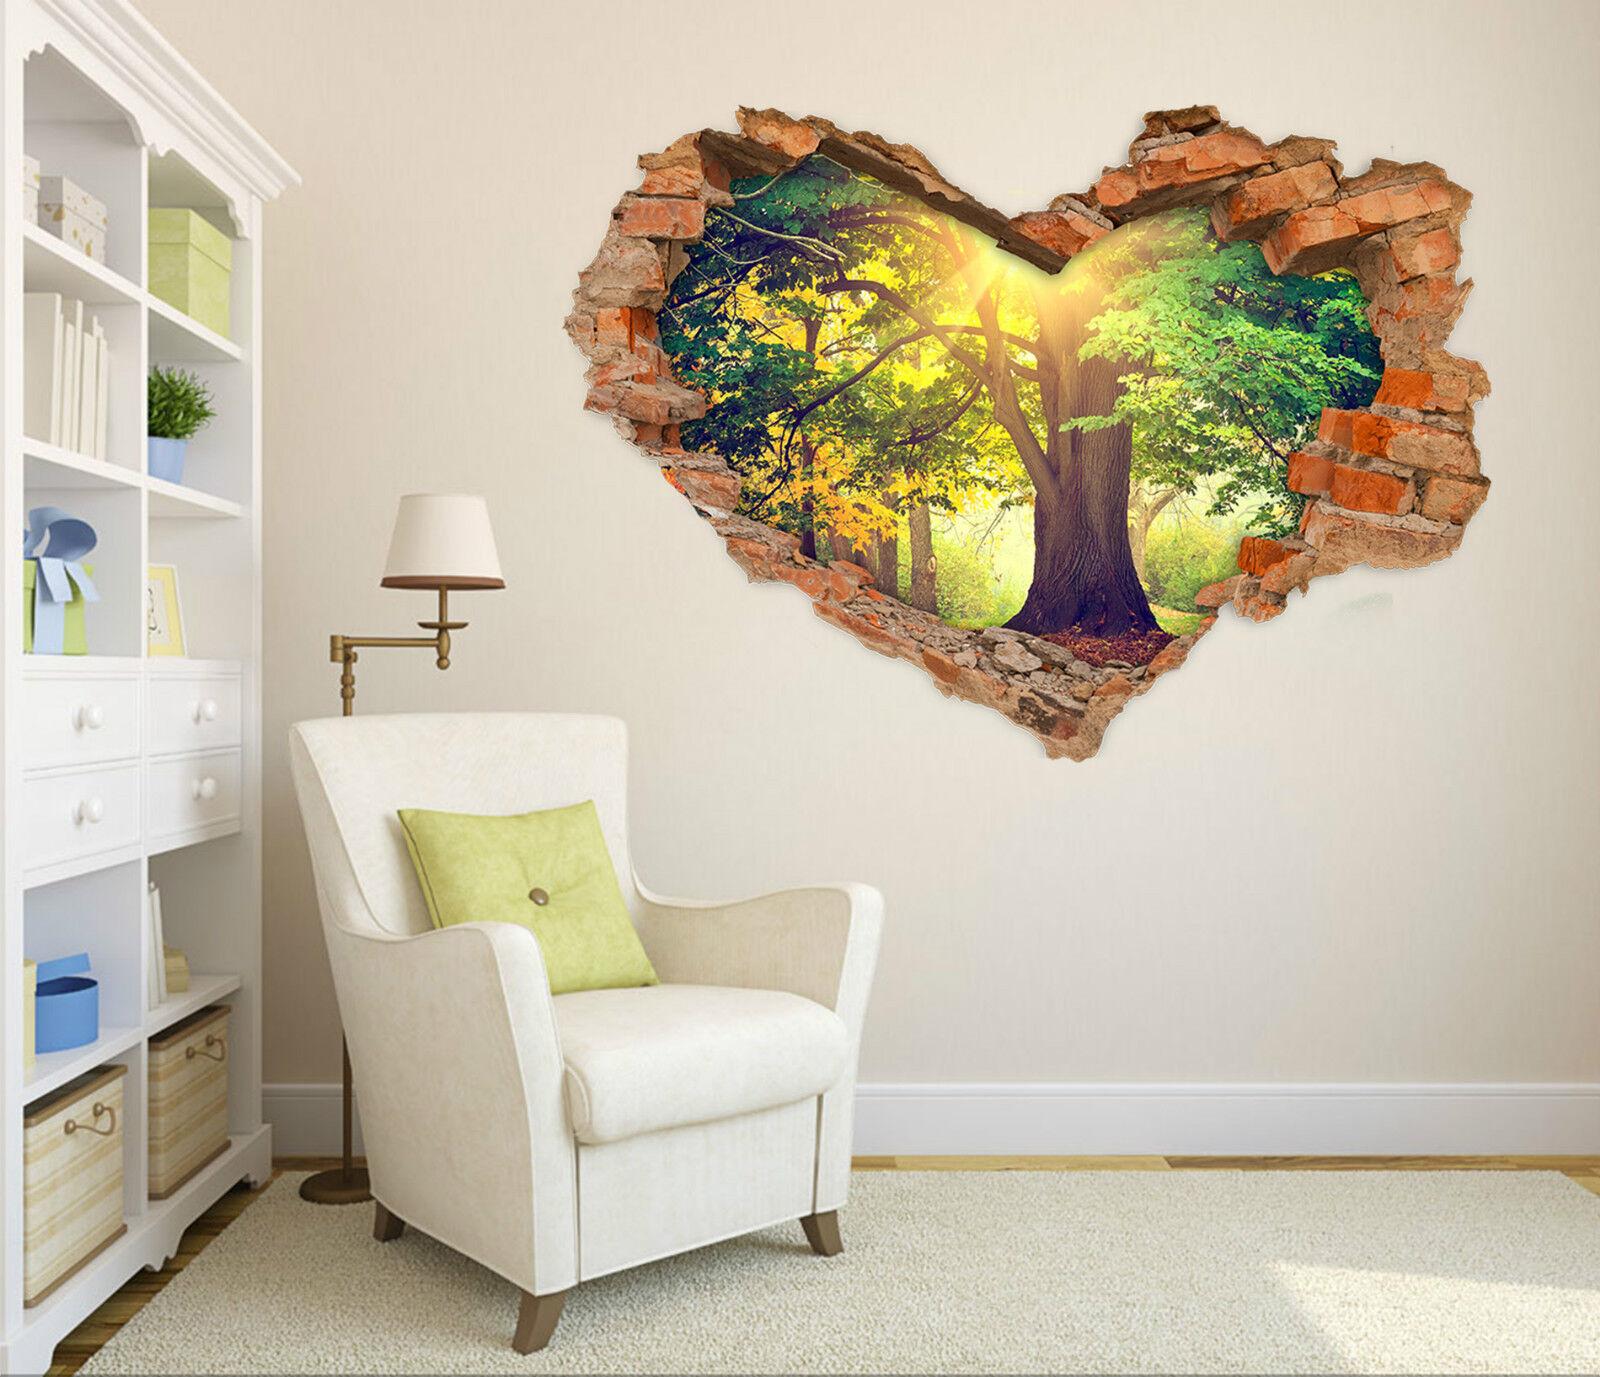 3D Bäume Sonne 623 Mauer Murals Aufklebe Decal Durchbruch AJ WALLPAPER DE Lemon